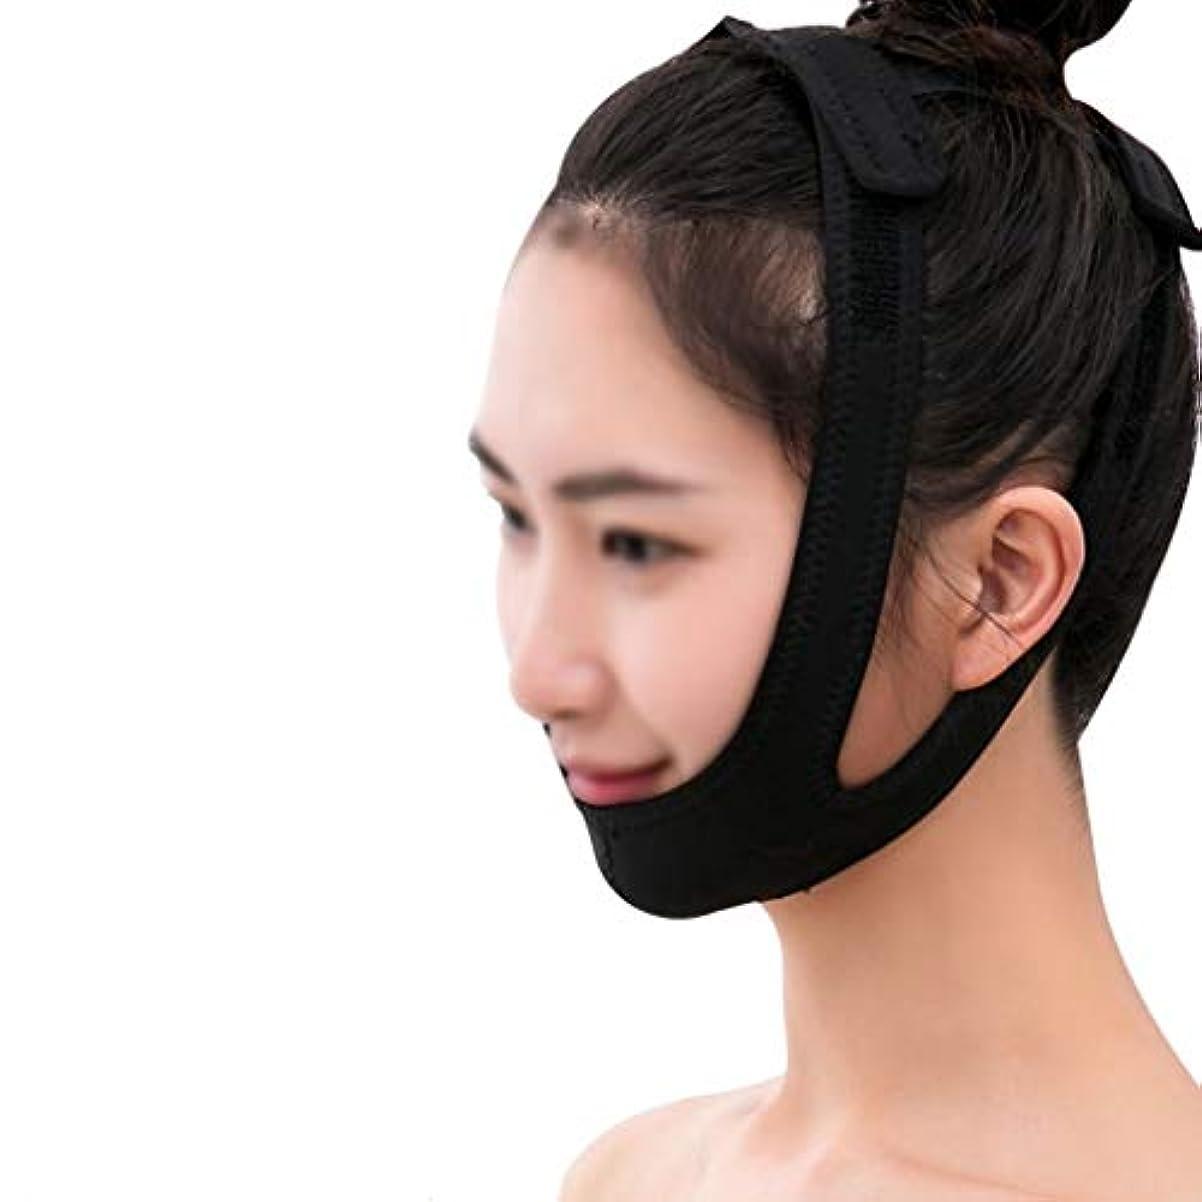 制限された独創的飽和するフェイシャルリフティングマスク、医療用ワイヤーカービングリカバリーヘッドギアVフェイスバンデージダブルチンフェイスリフトマスクブラック